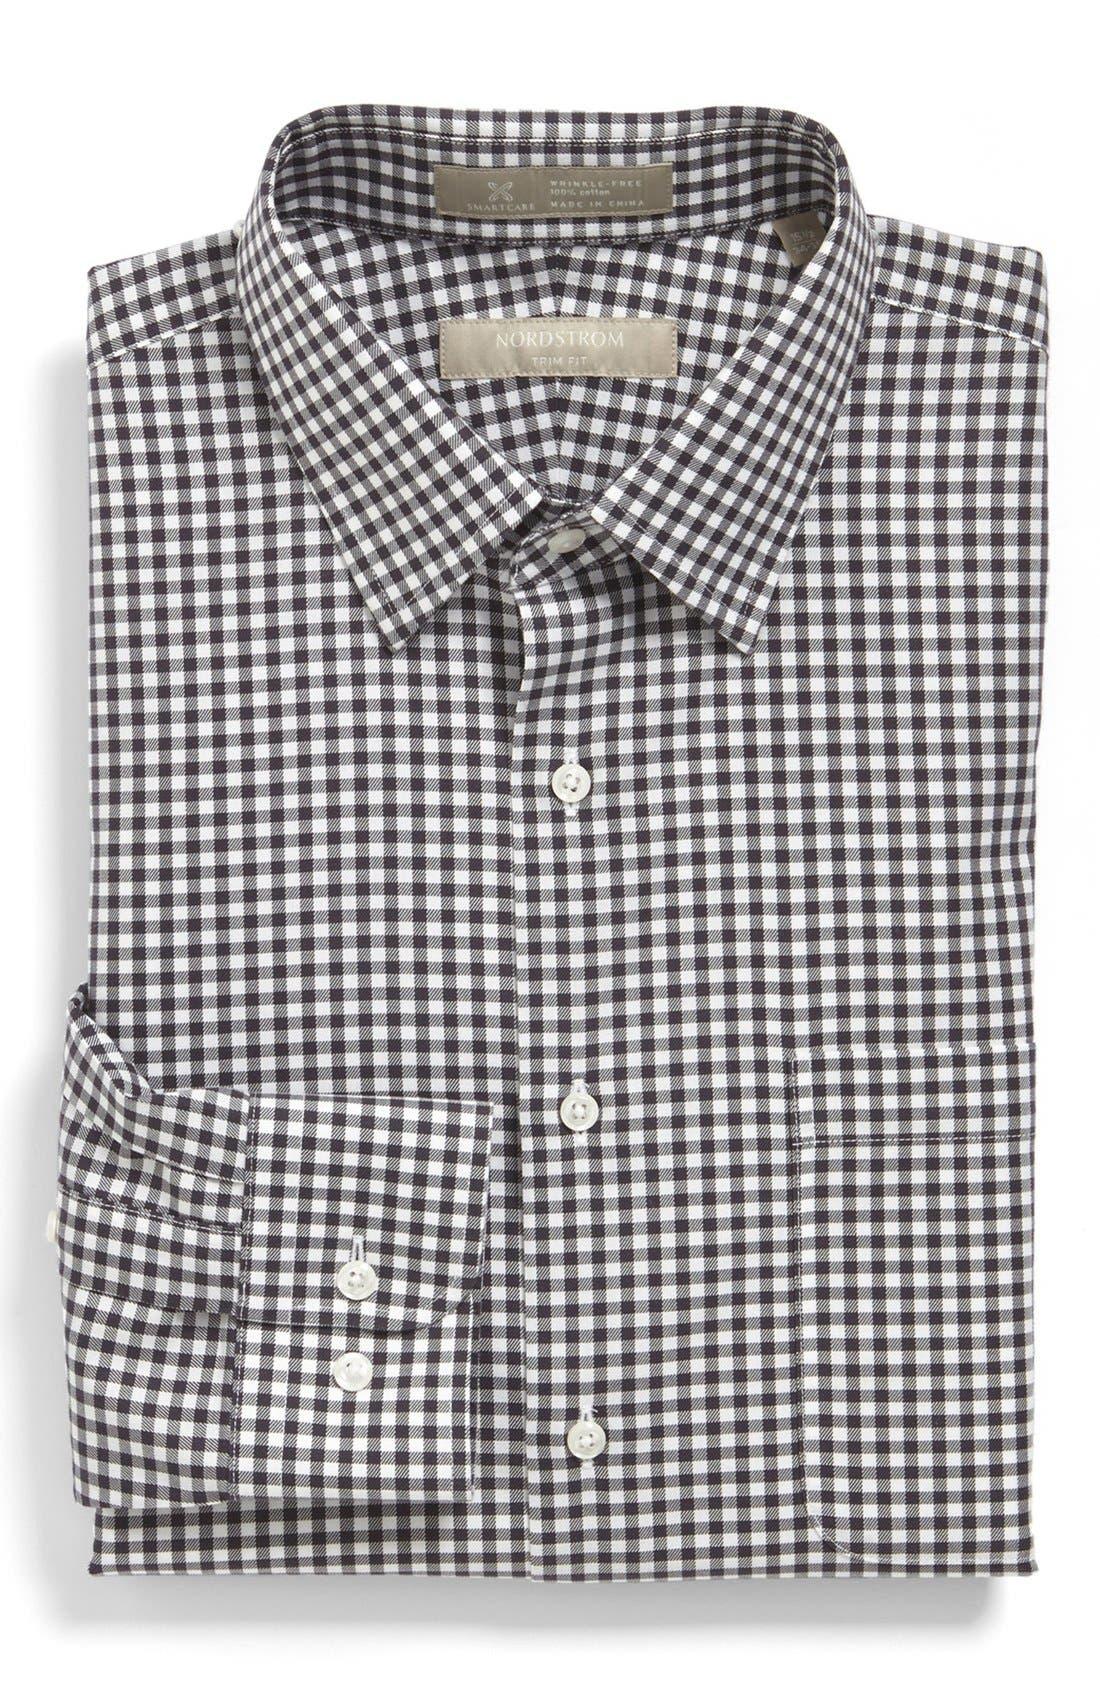 NORDSTROM MEN'S SHOP Nordstrom Smartcare<sup>™</sup> Wrinkle Free Trim Fit Dress Shirt, Main, color, 021